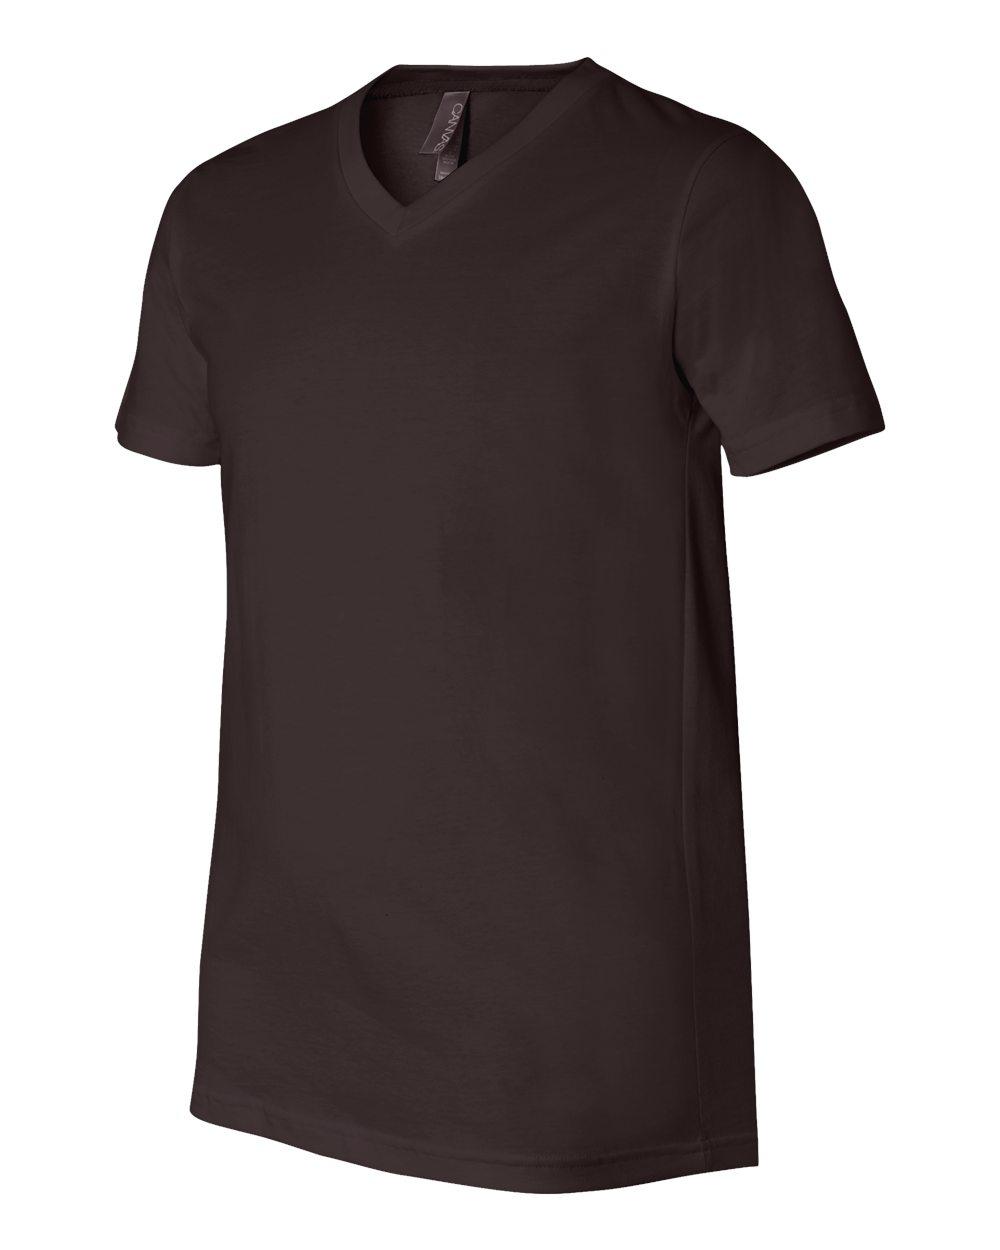 Bella-Canvas-Men-039-s-Jersey-Short-Sleeve-V-Neck-T-Shirt-3005-XS-3XL thumbnail 97